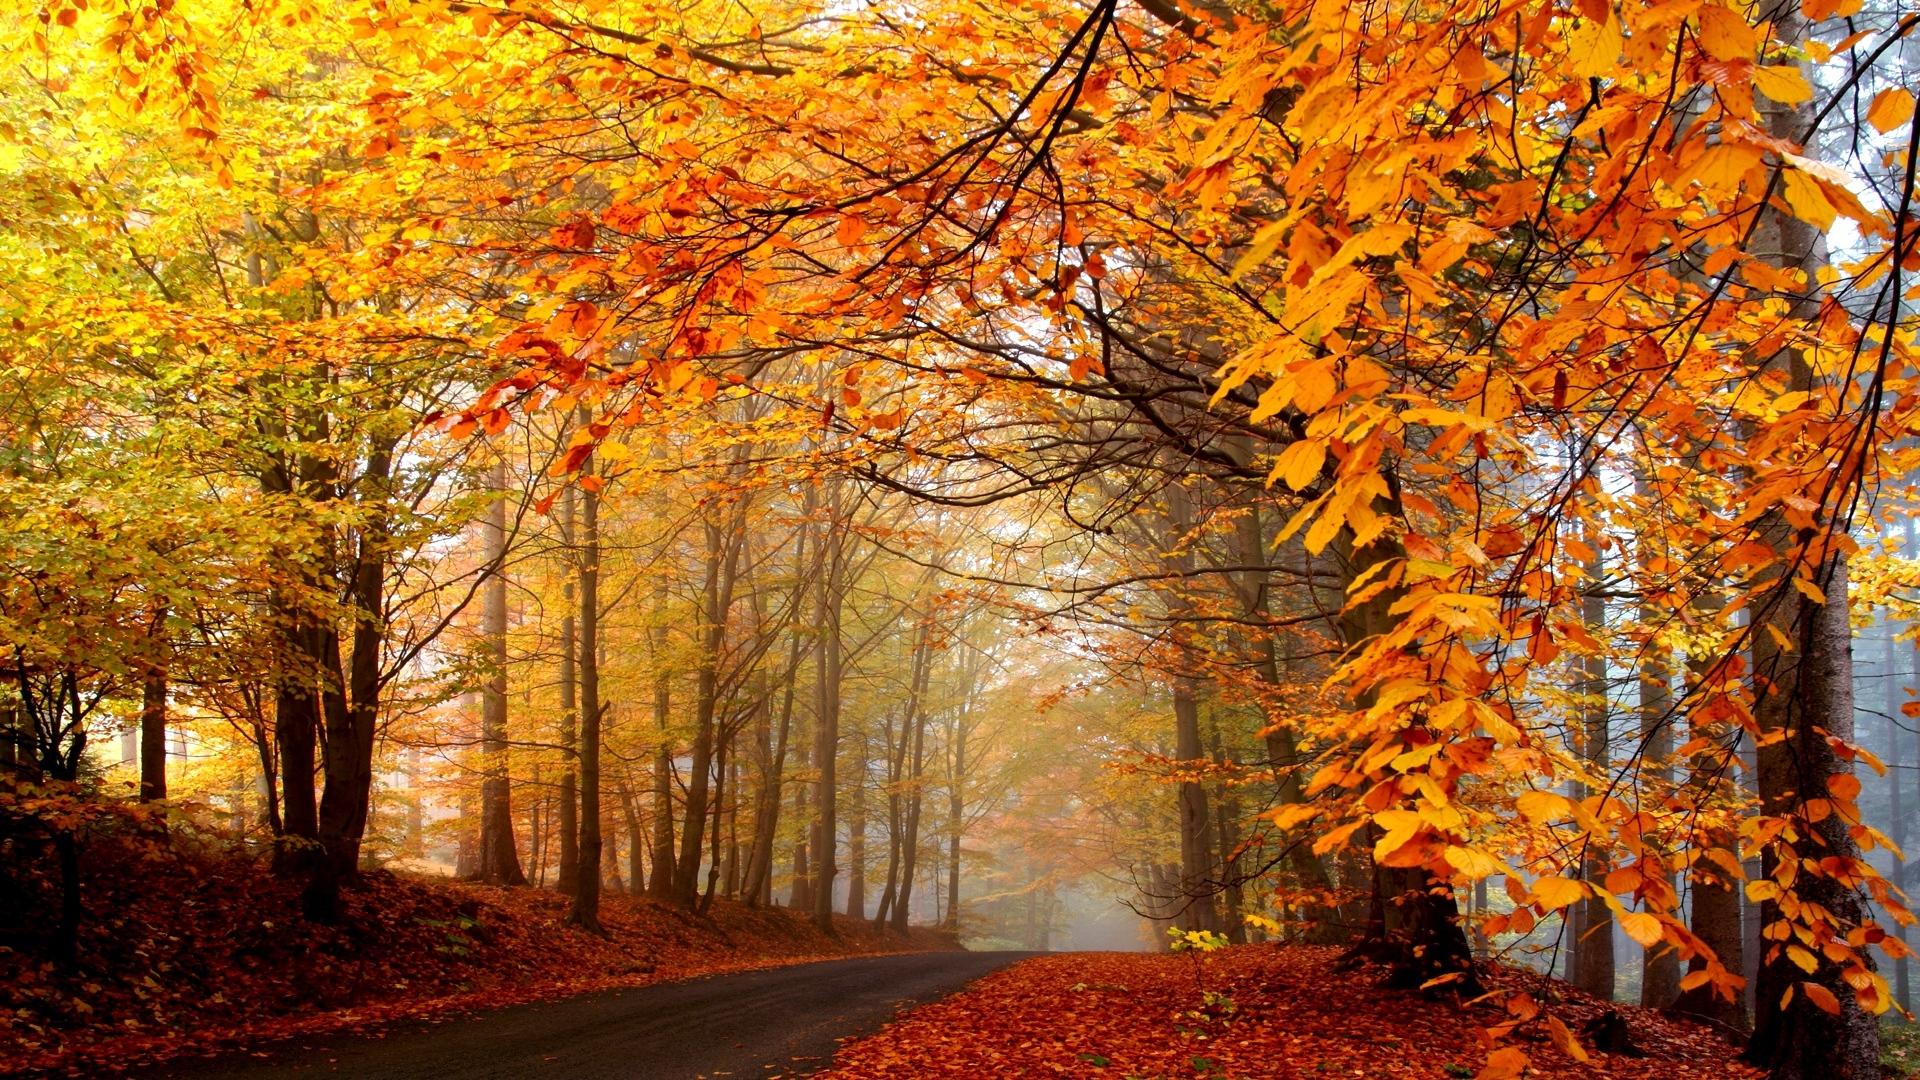 download wallpaper 1920x1080 autumn, trees, road, fog, haze, asphalt